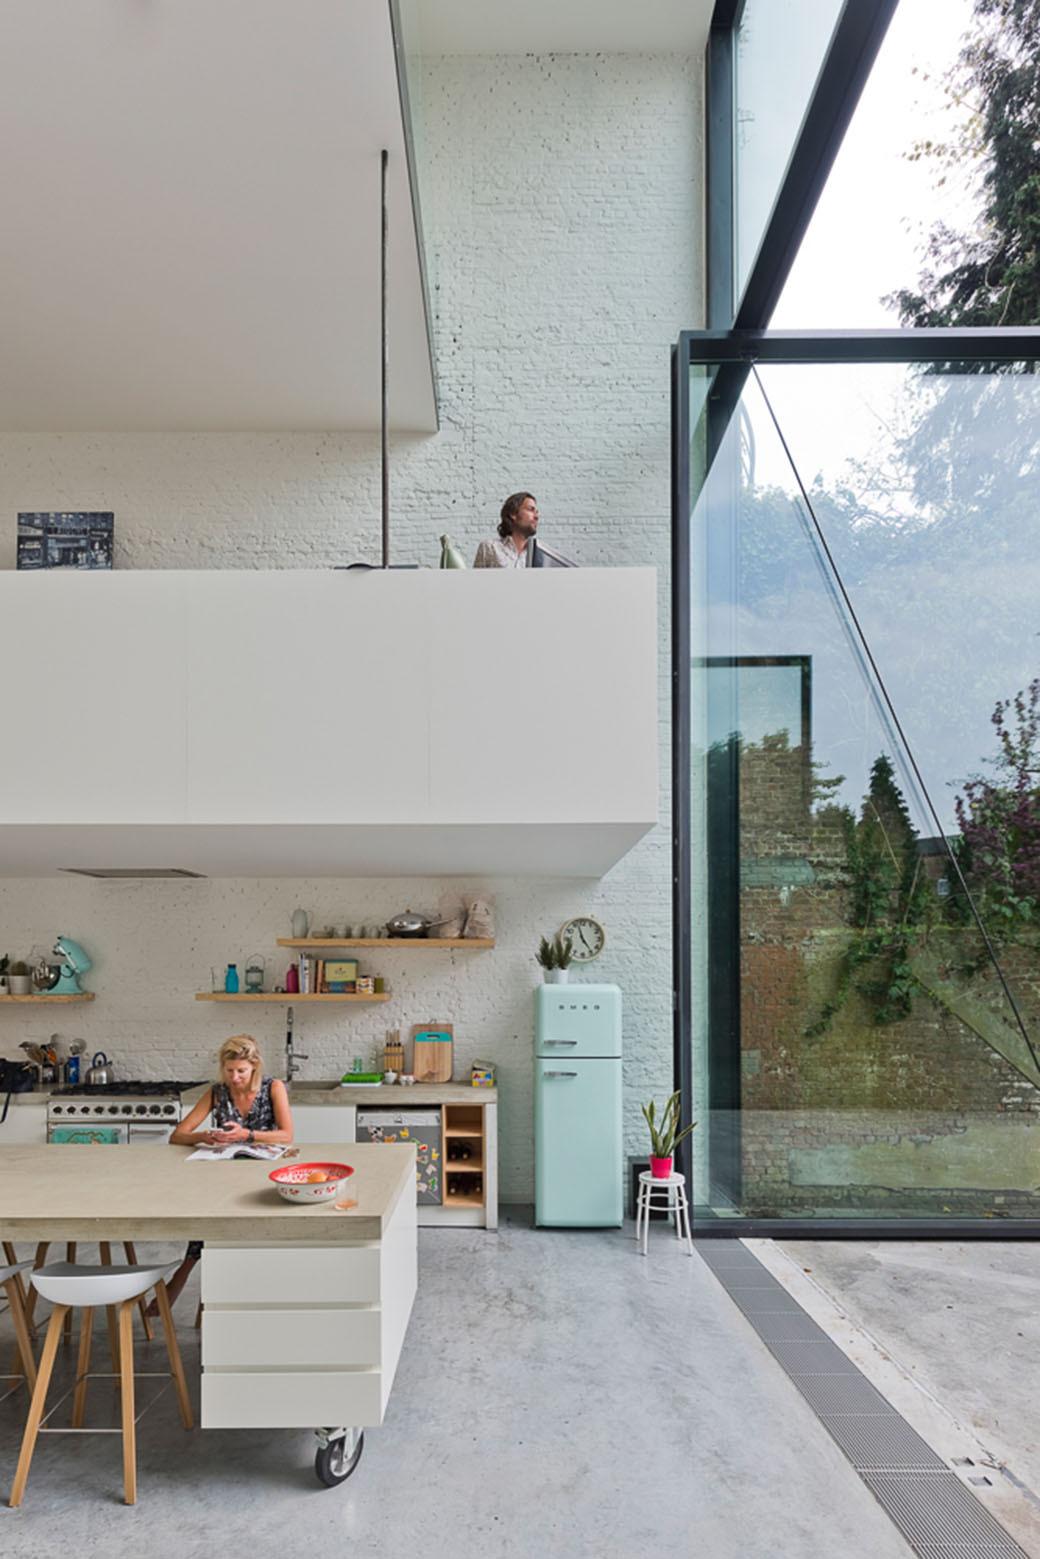 house-floor-pivot-door-large-window